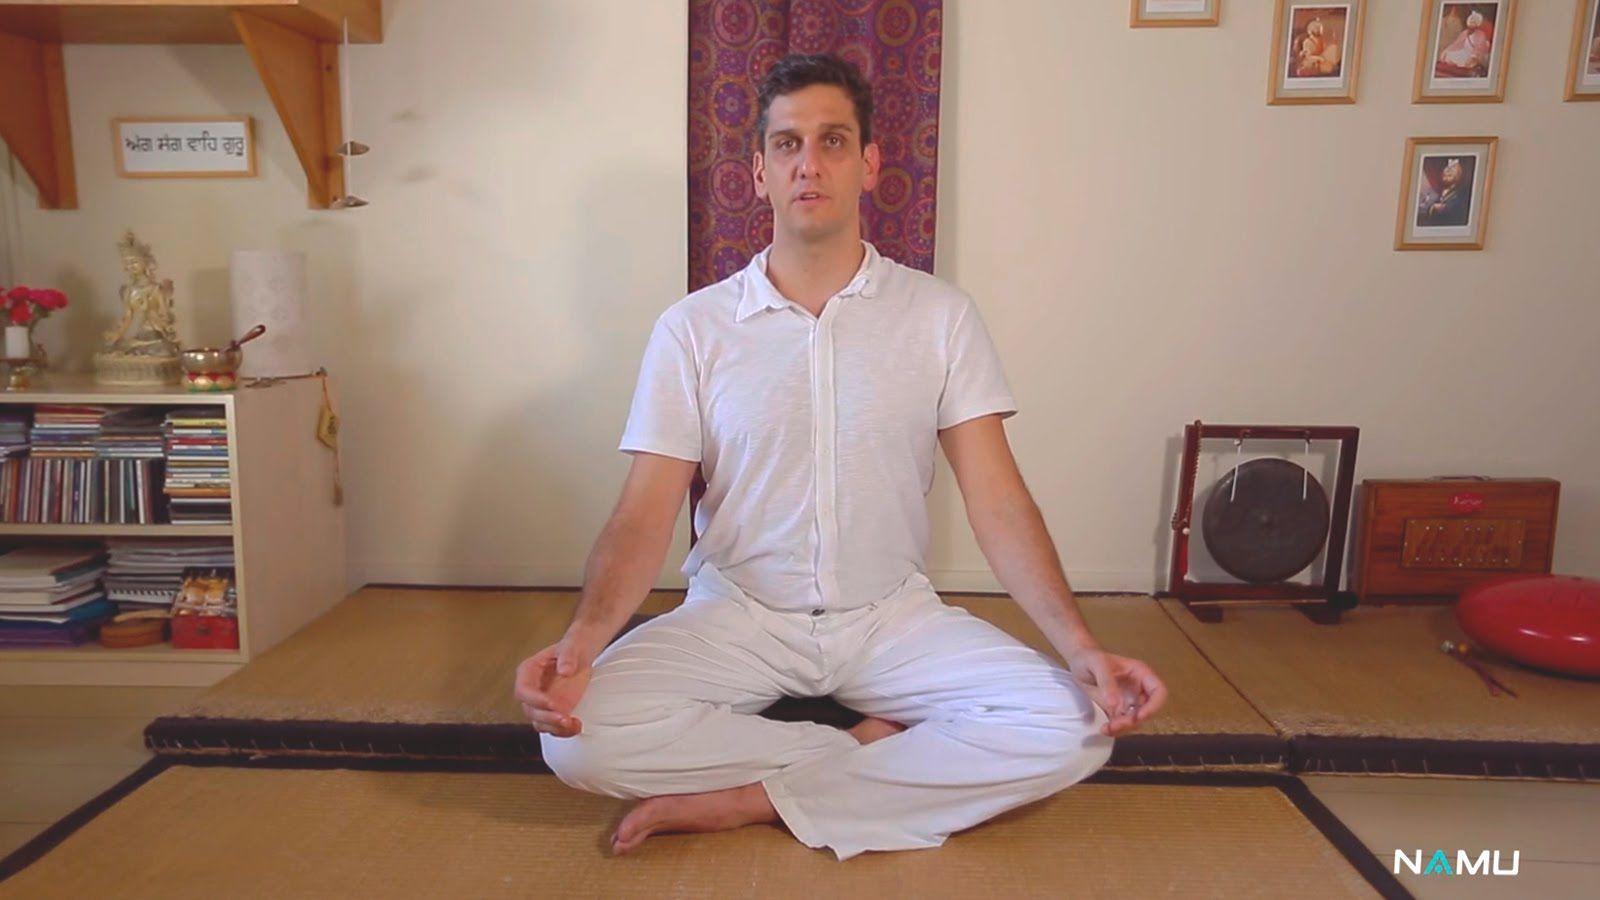 Aulas NAMU: aula de kundalini yoga para principiantes